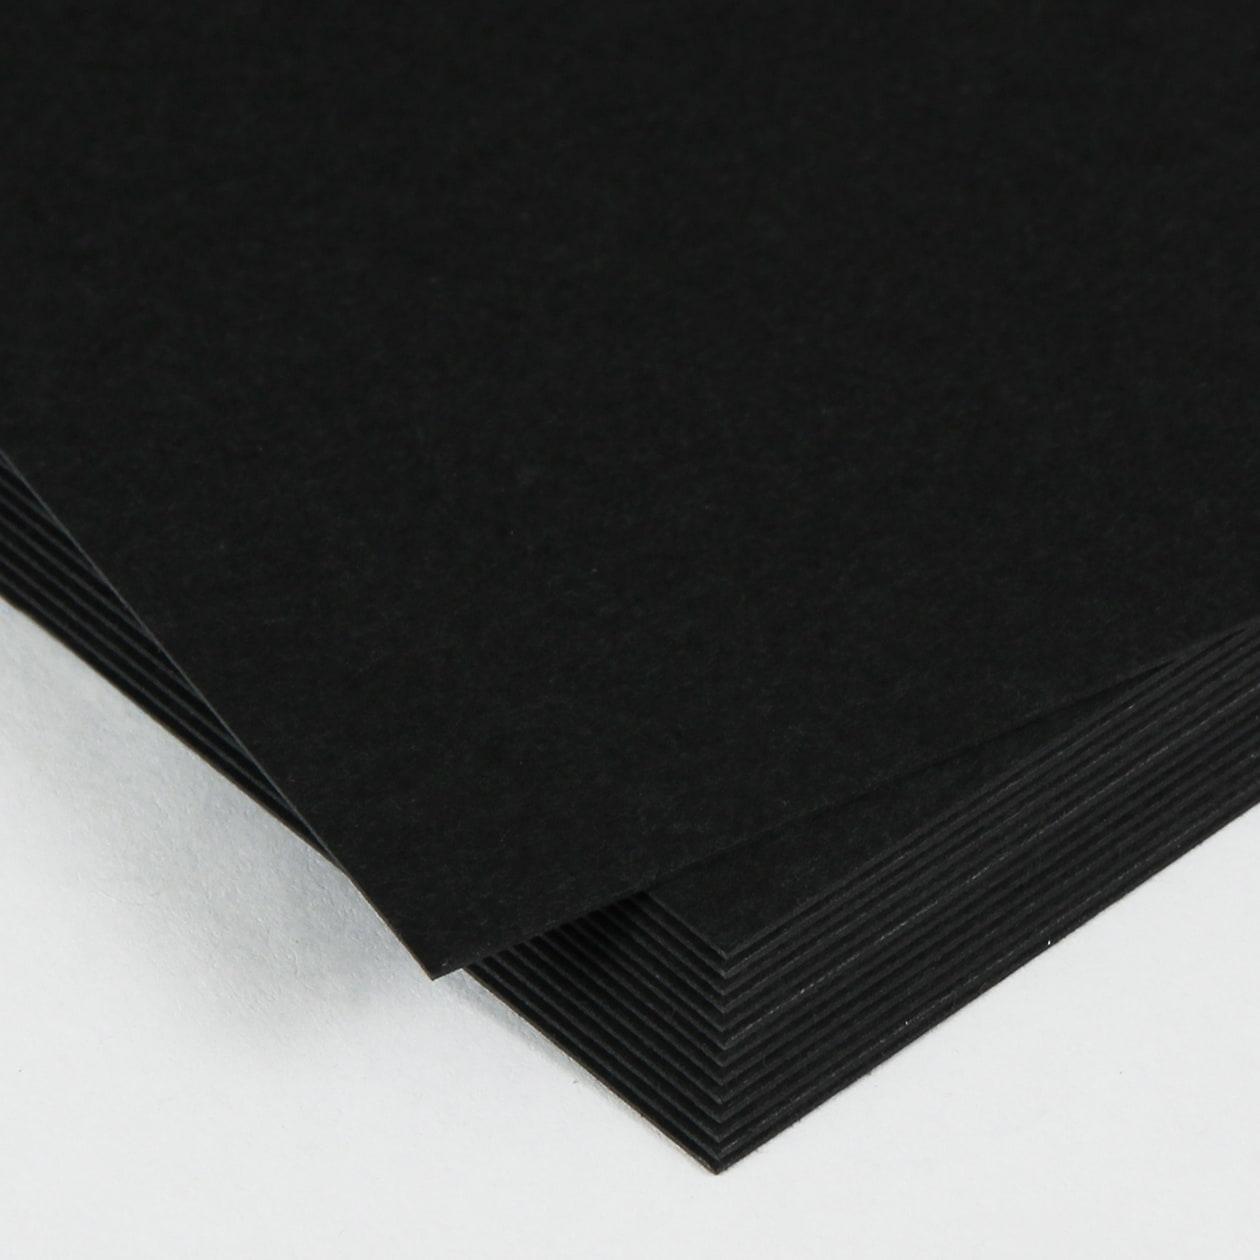 ネームカード コットン(NTラシャ) 黒 244.3g